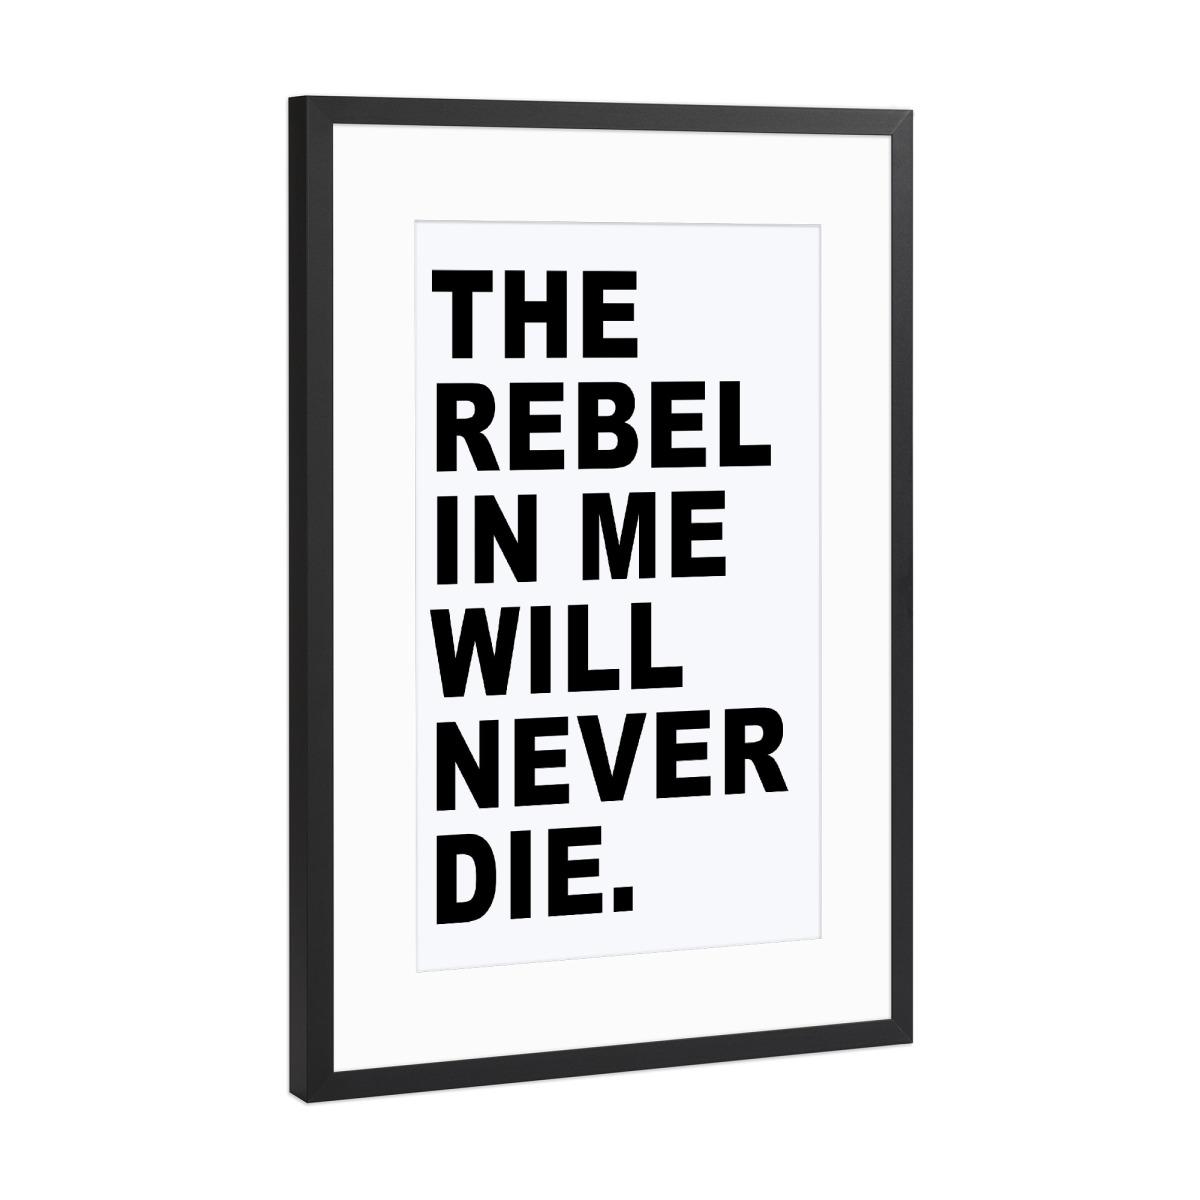 The rebel in me will never die. als Gerahmt bei artboxONE kaufen